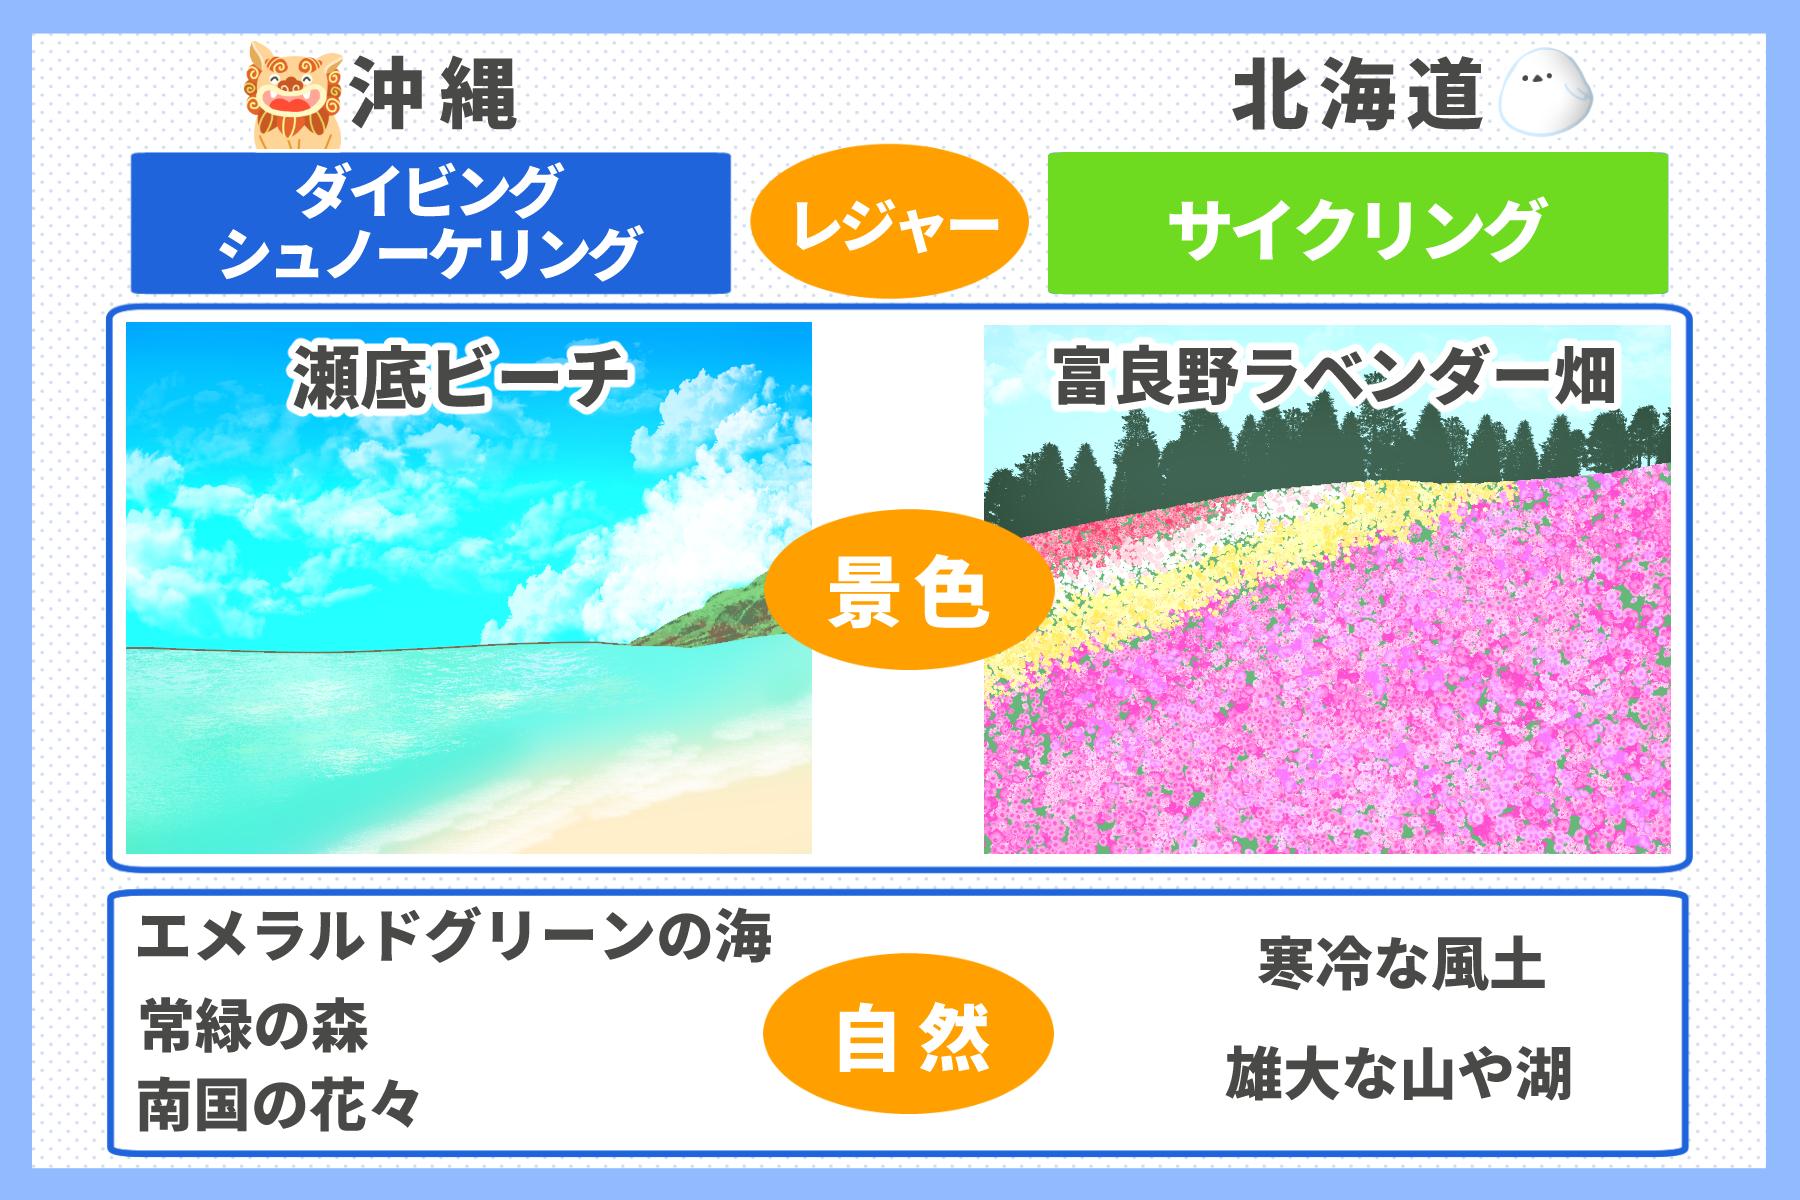 沖縄と北海道を比較